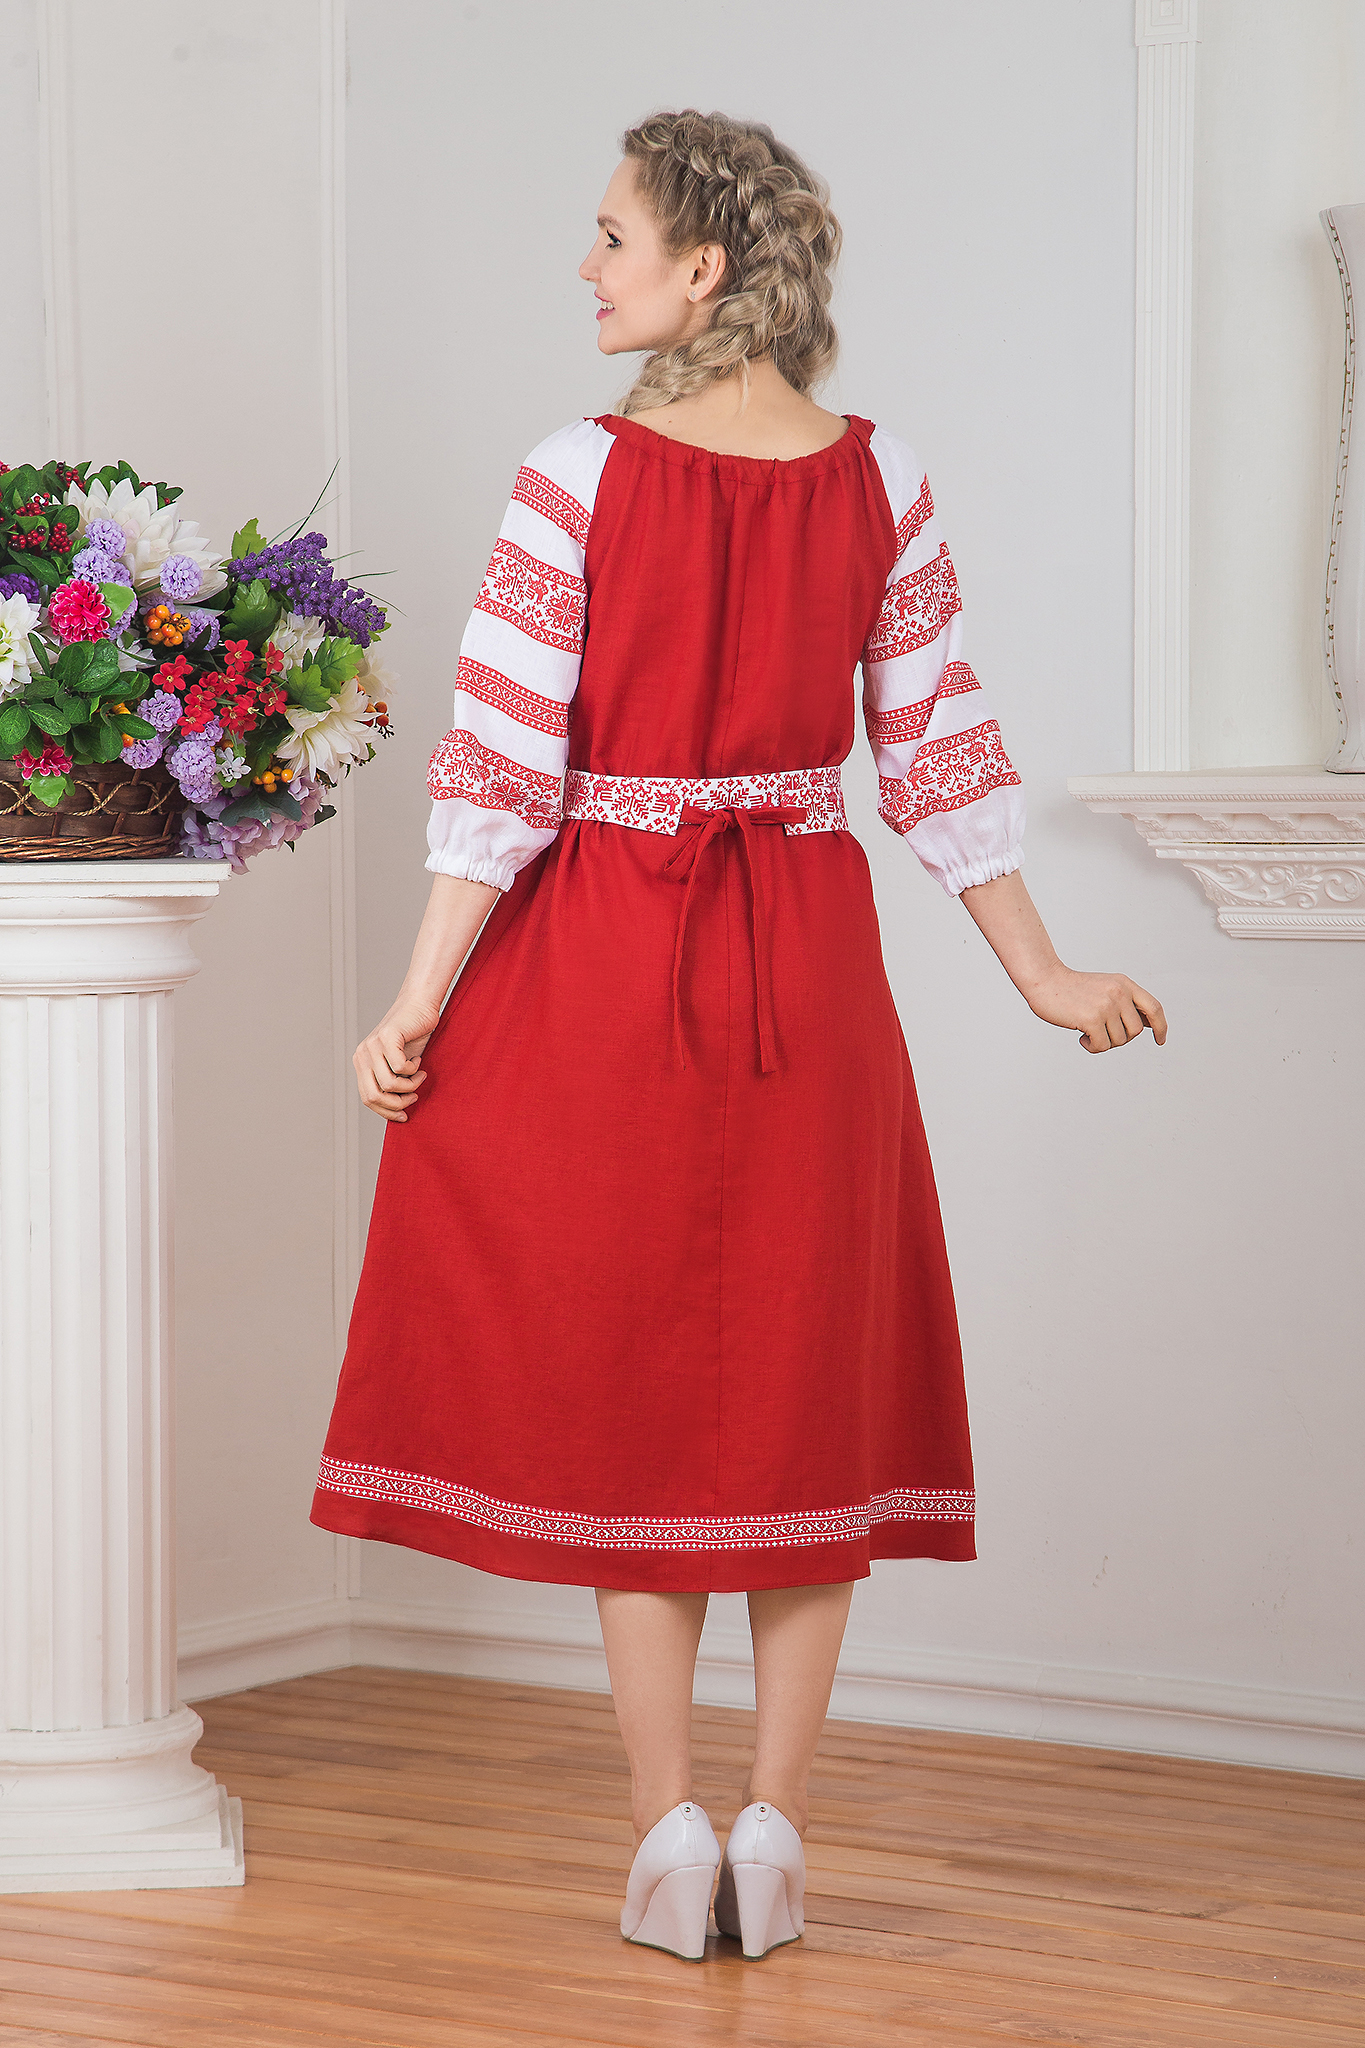 Русское-народное платье для танца вид сзади